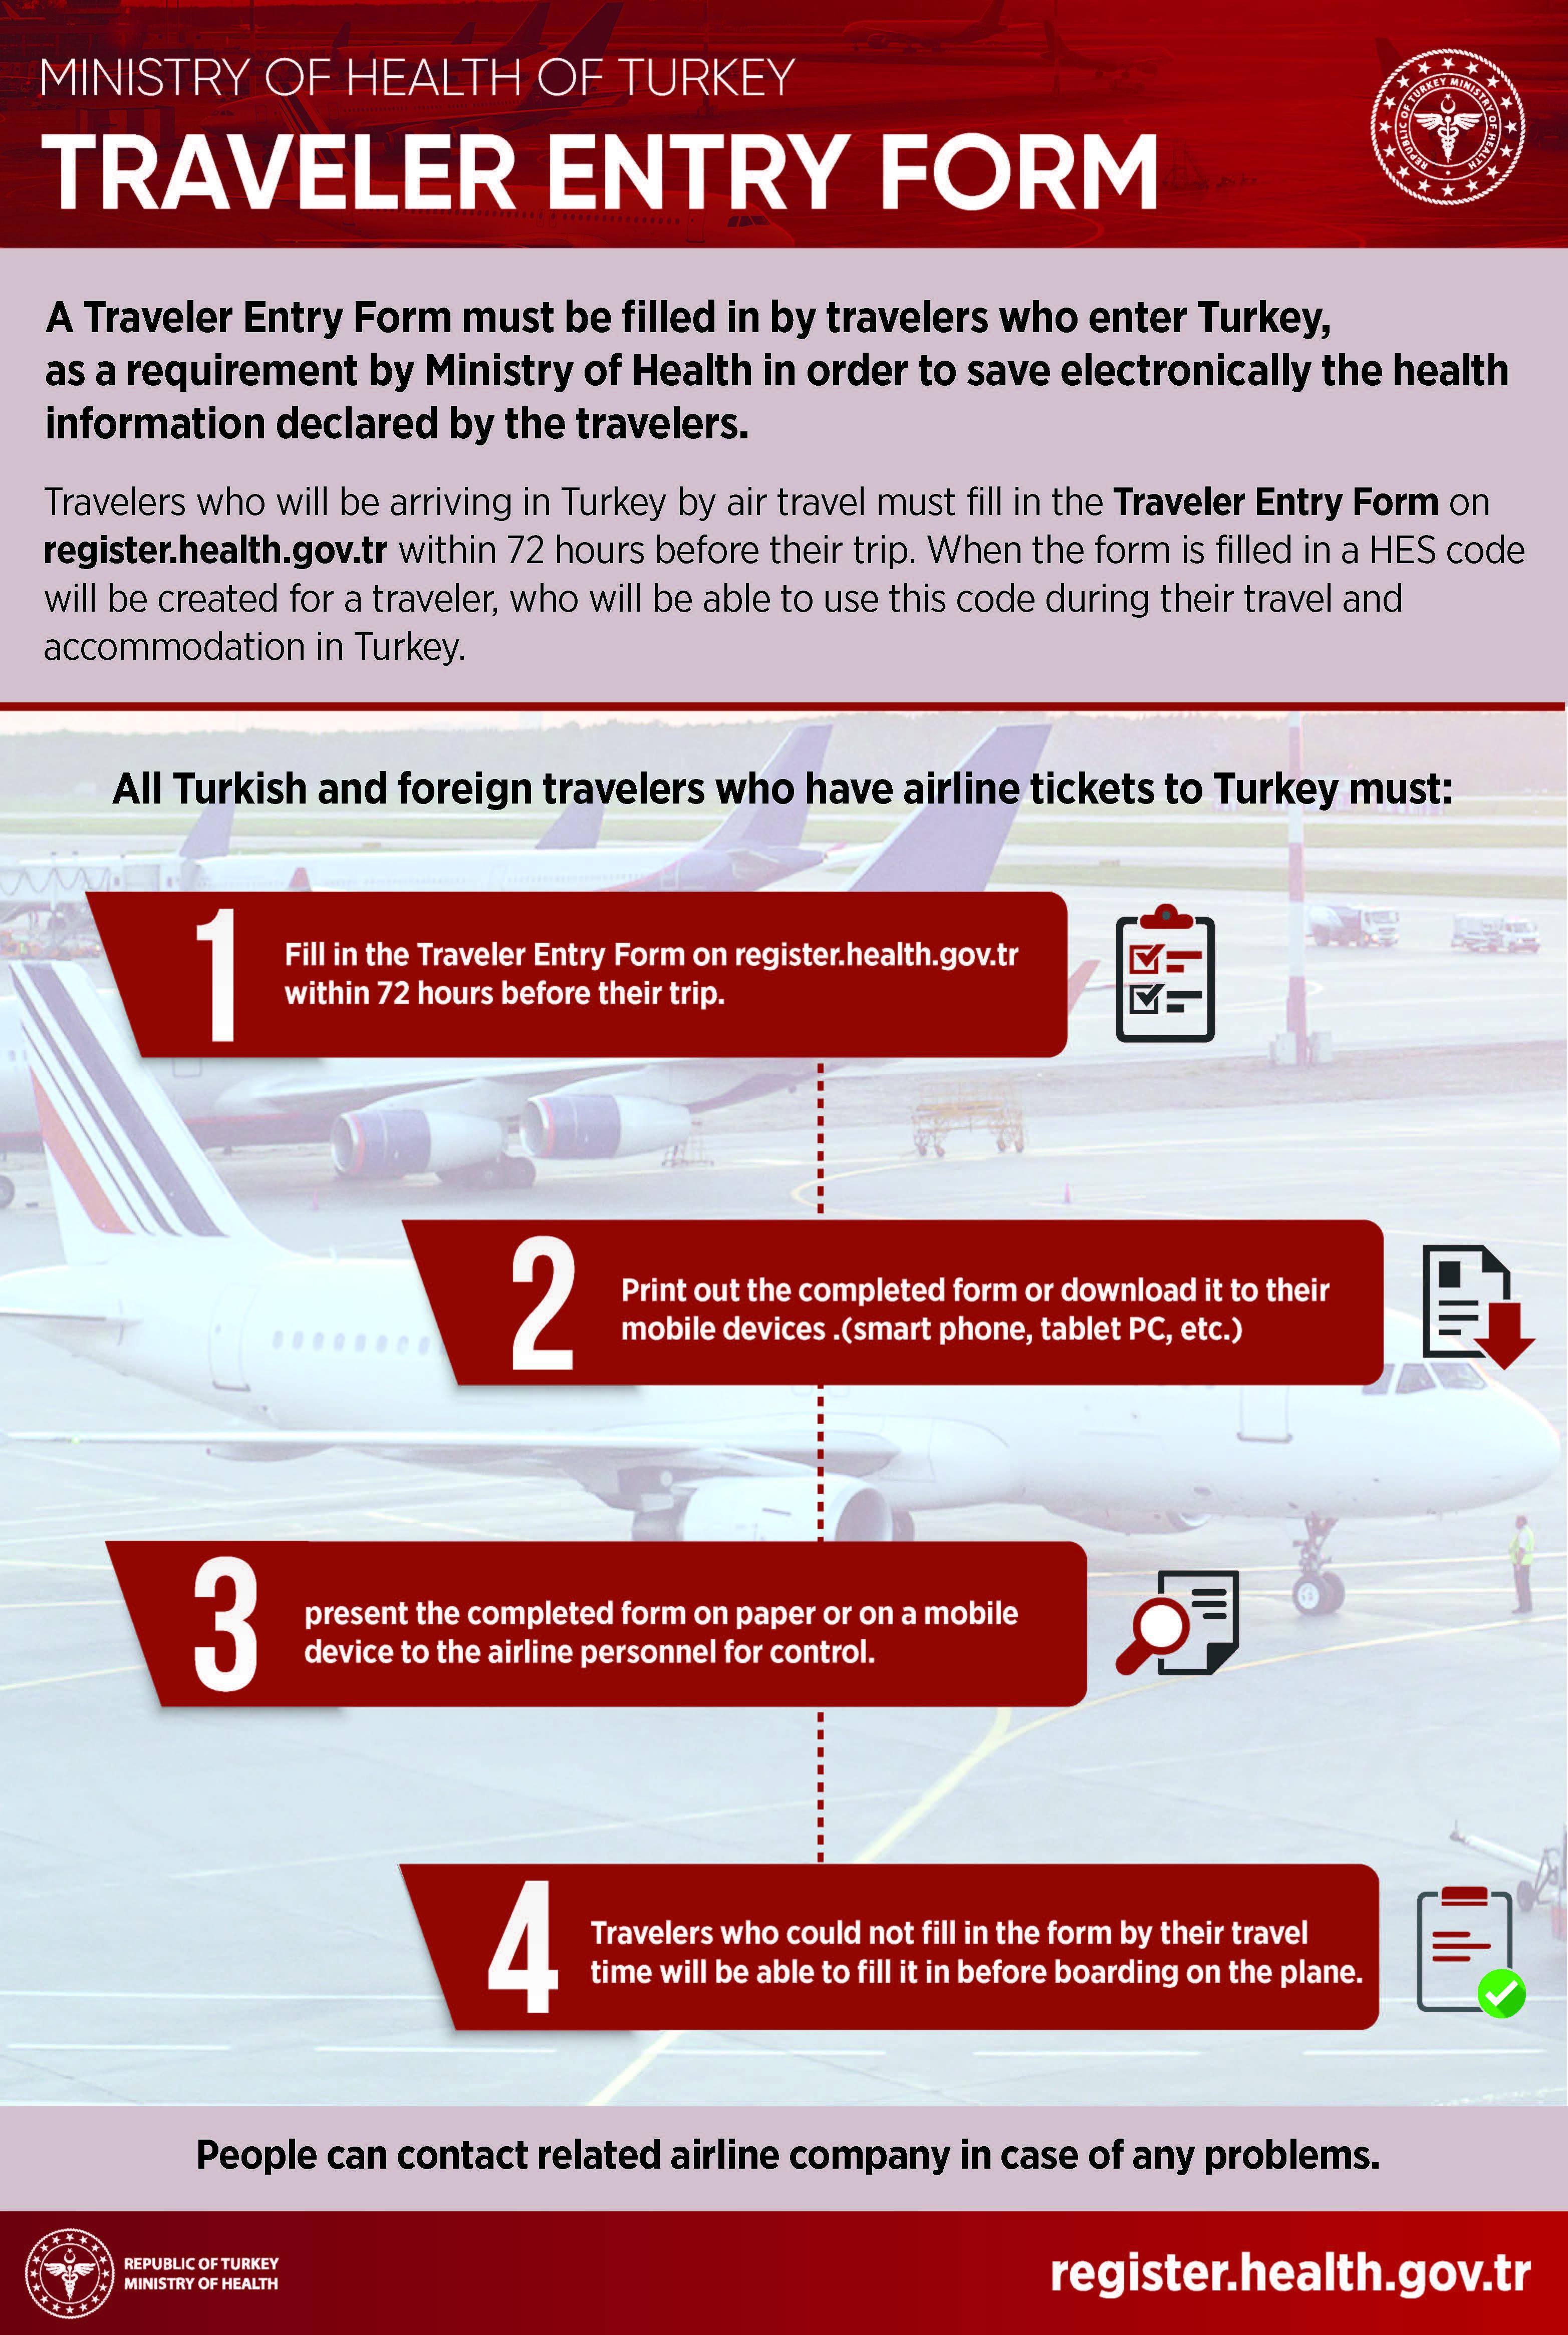 Podvodni turizam u Turskoj